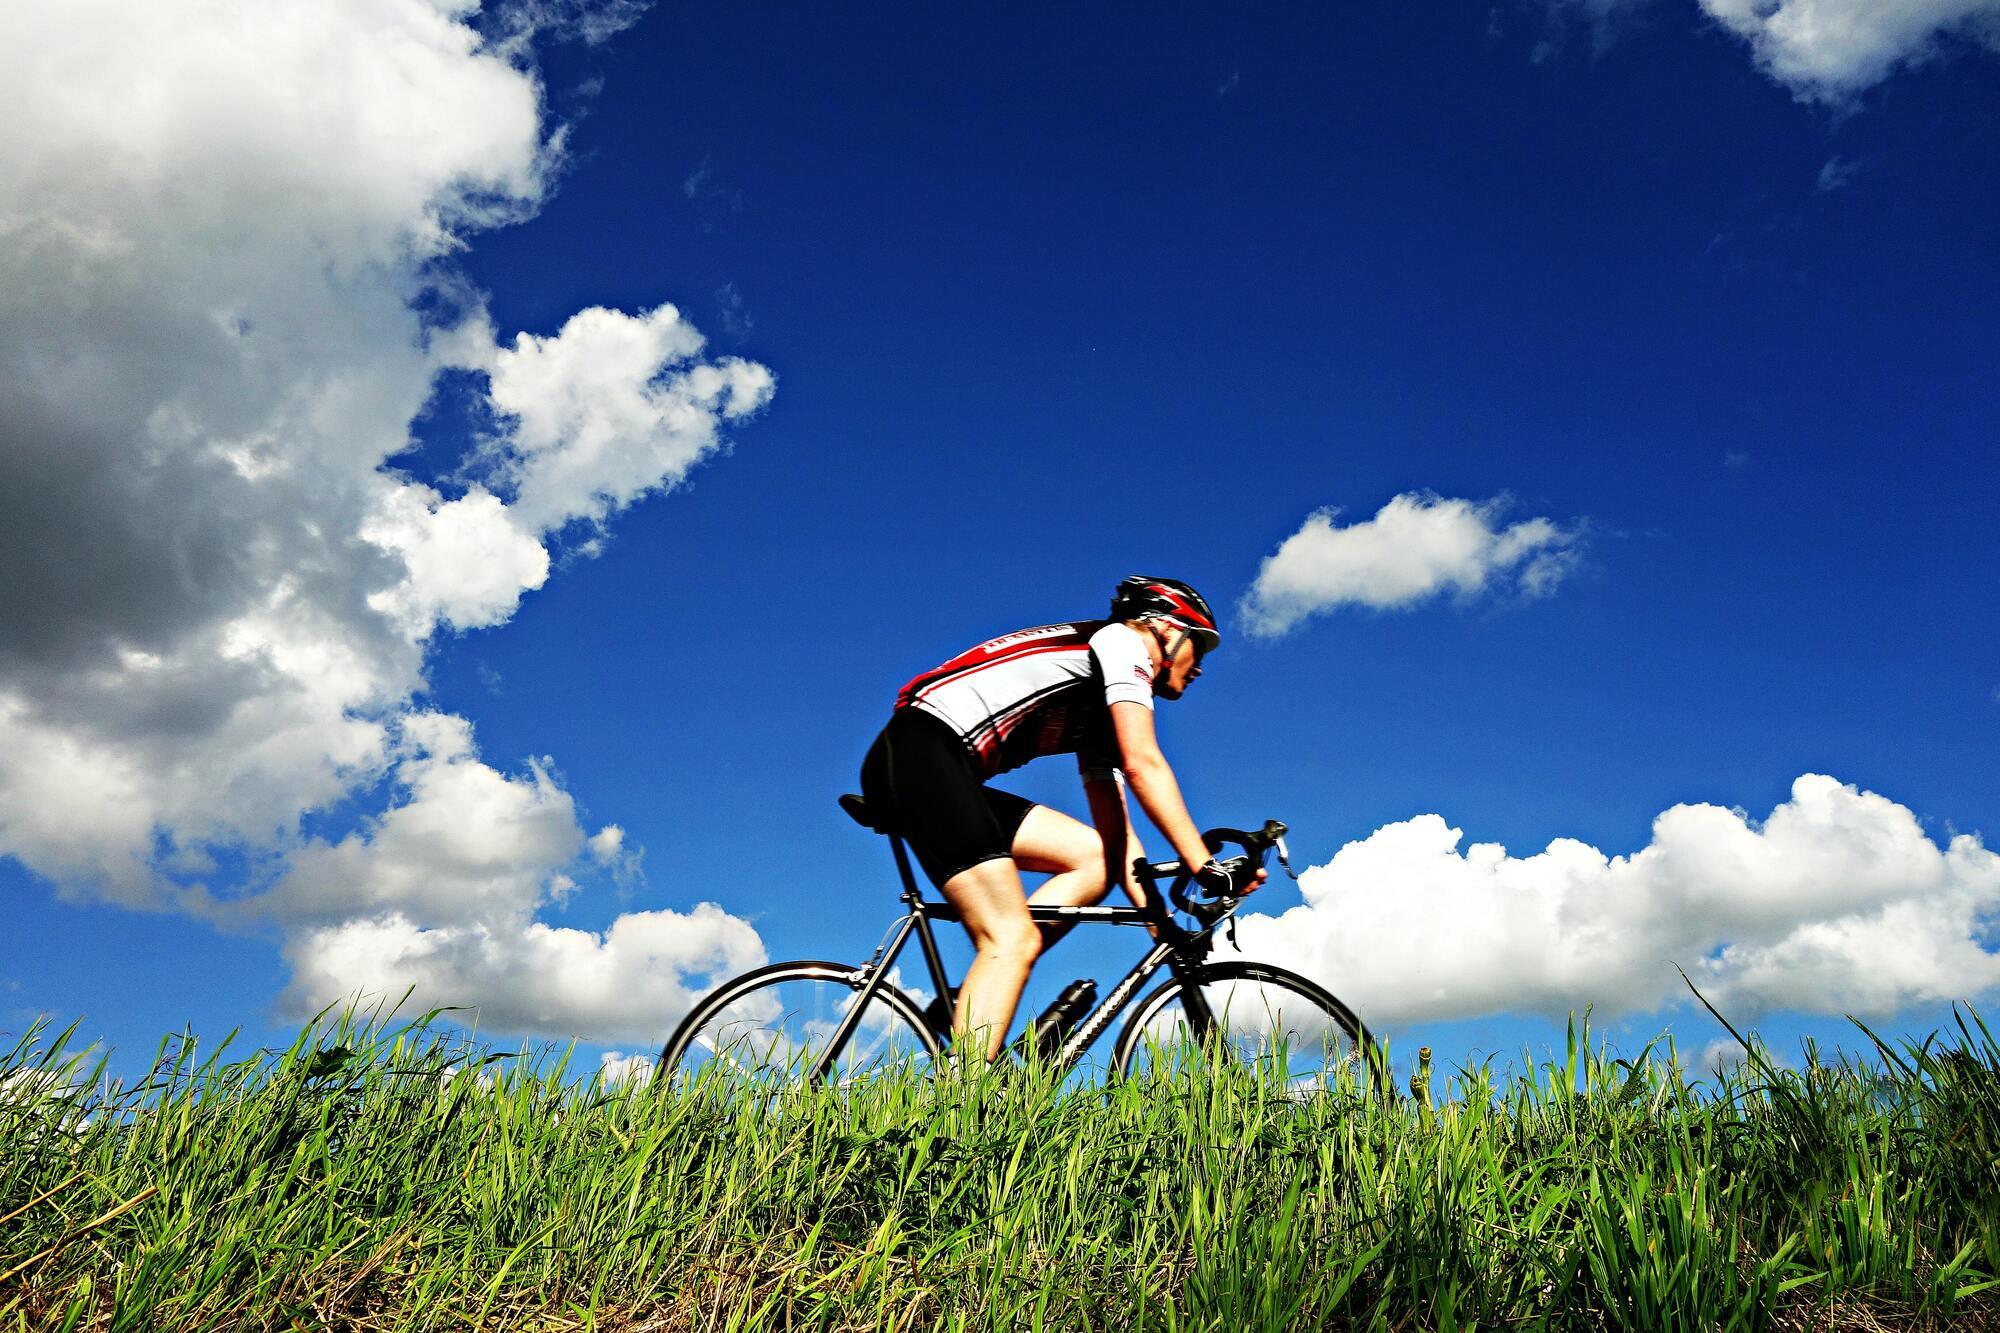 Всемирный день велосипеда отмечается 3 июня